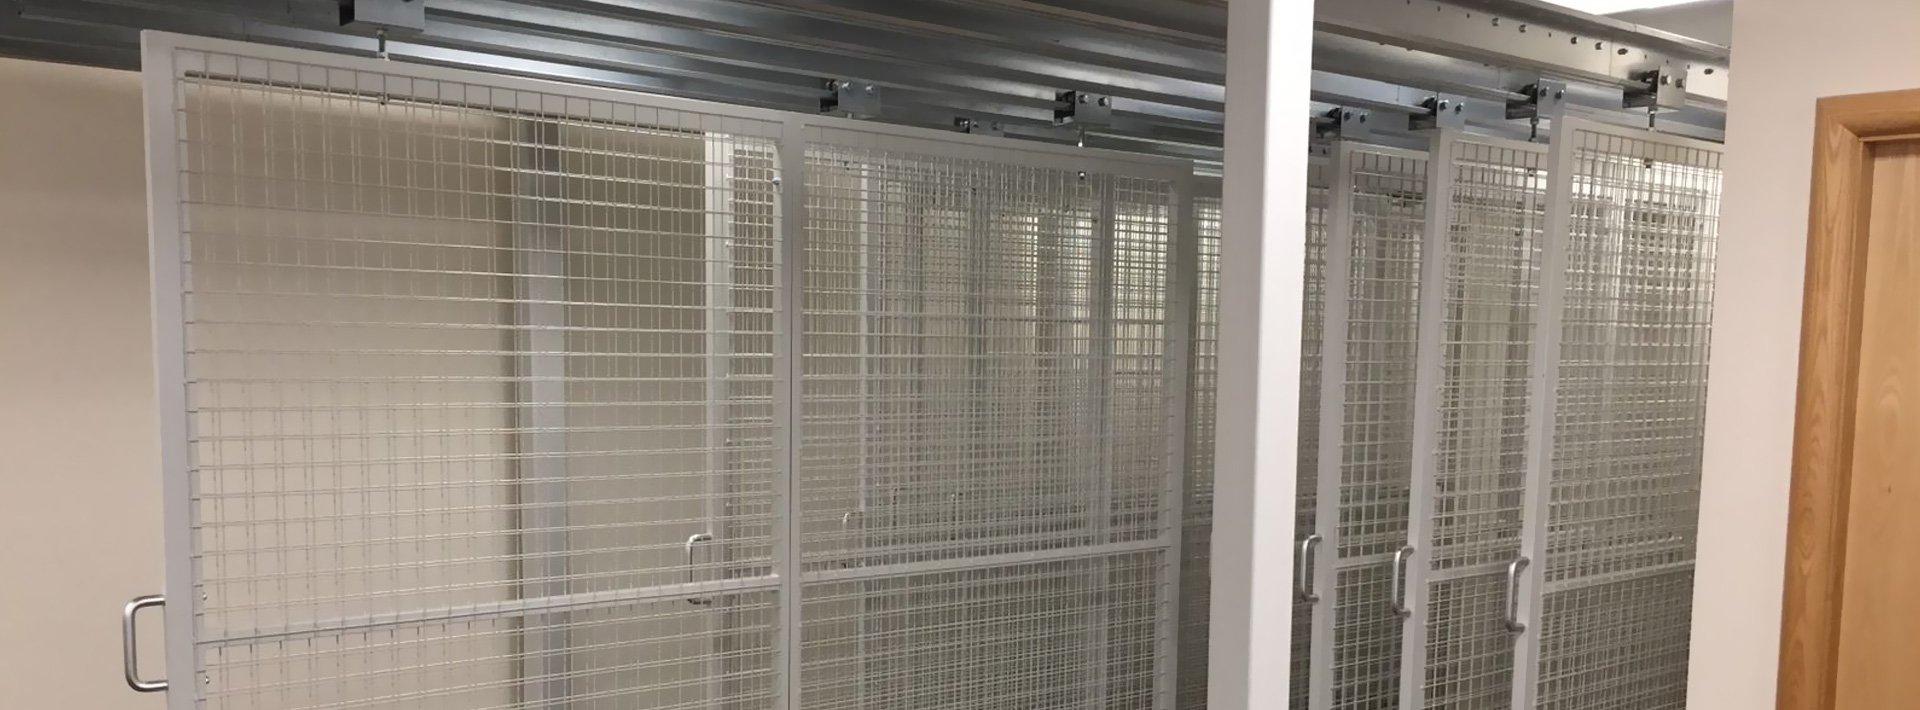 Commercial racks